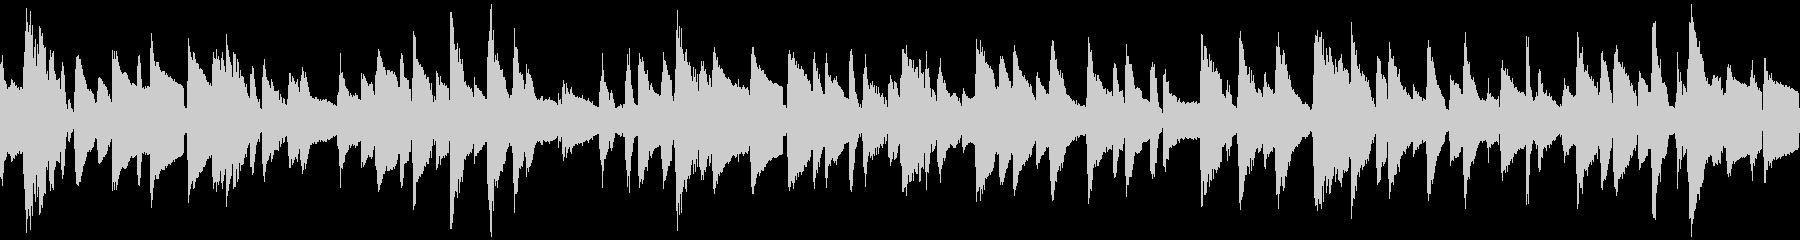 ジャズ・ピアノトリオのBGM:ループの未再生の波形